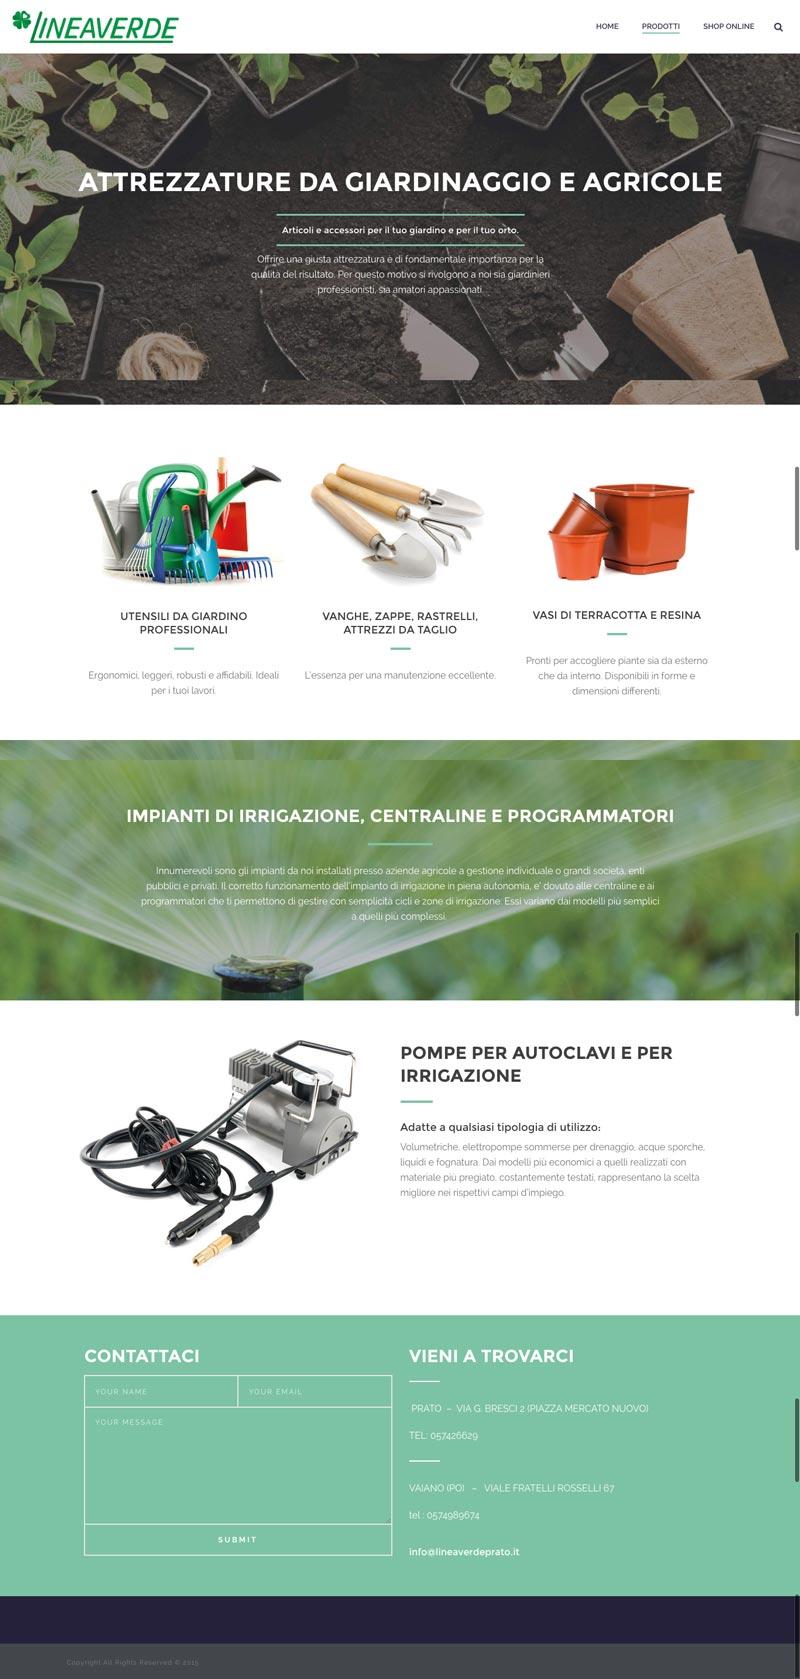 Attrezzature-da-Giardinaggio-e-Agricole-–-Lineaverde